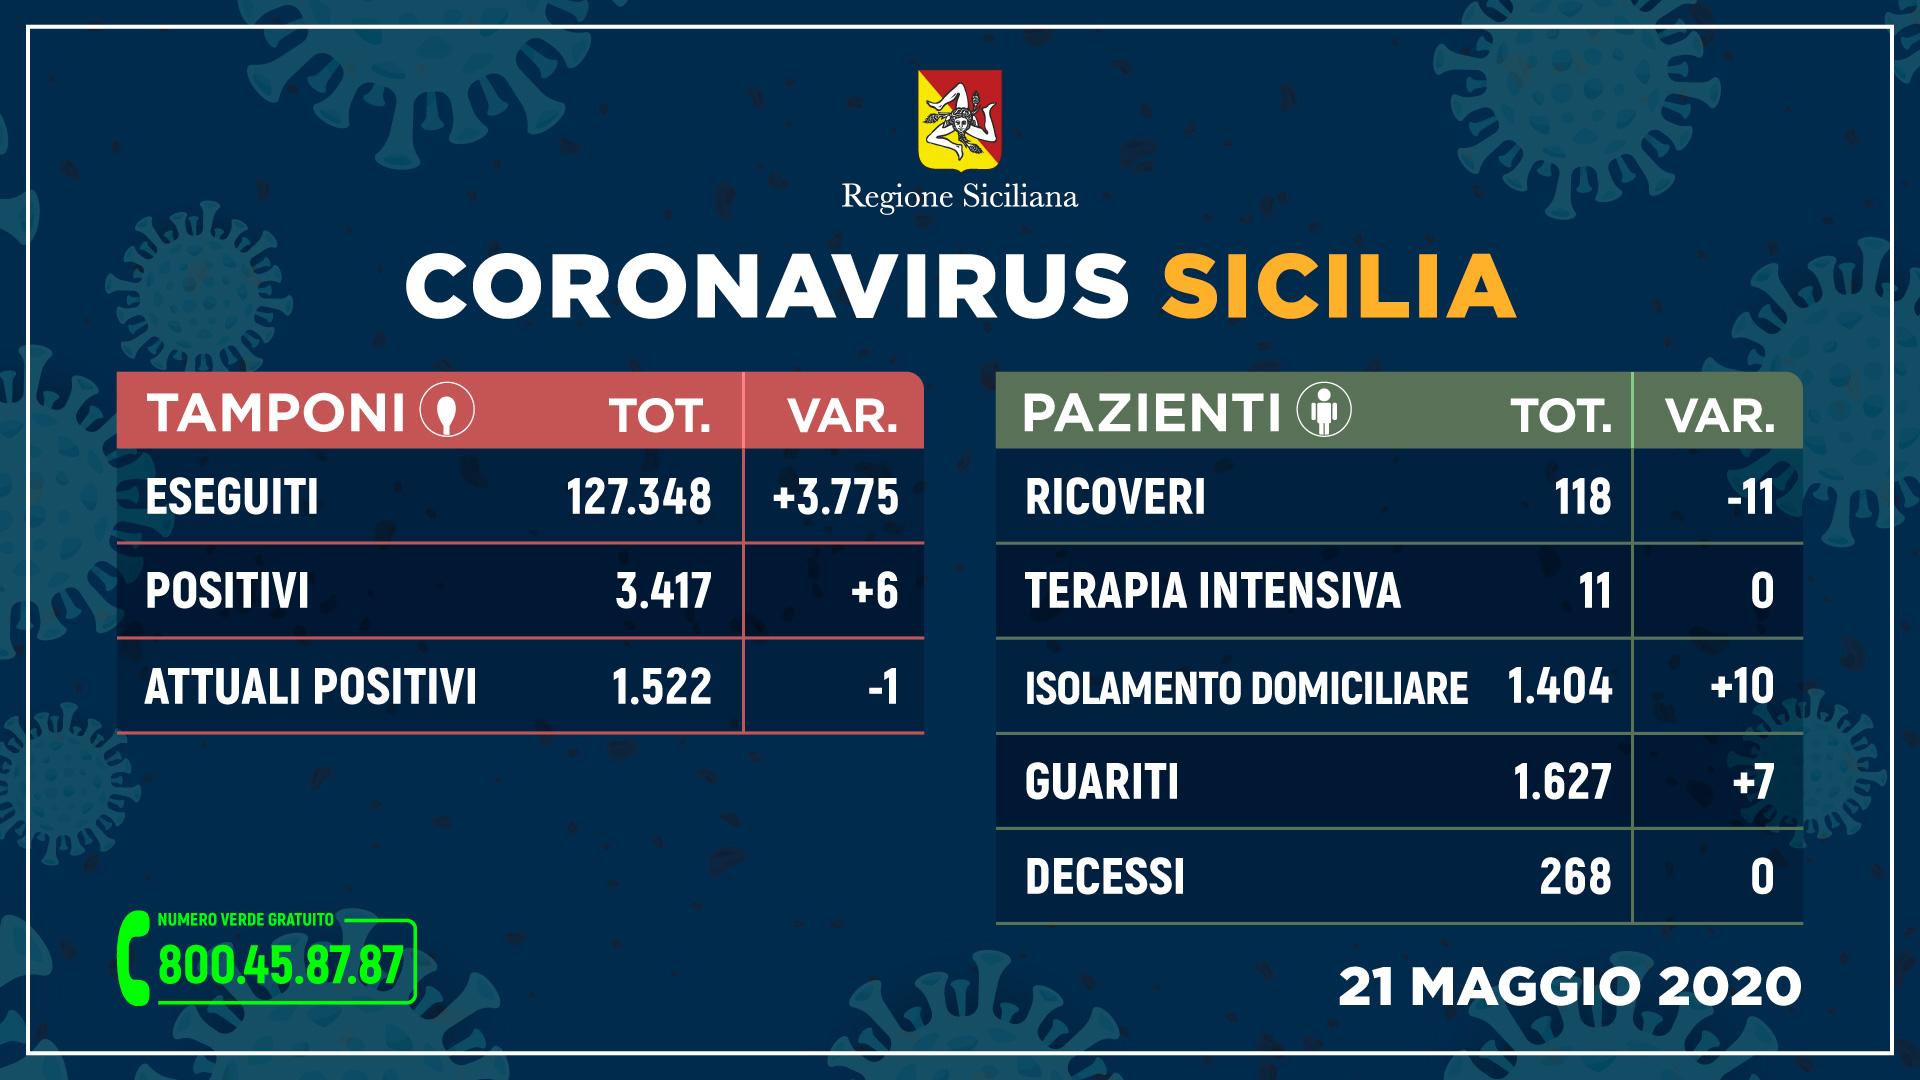 Coronavirus in Sicilia: Attuali Positivi 1.522 (-1), Guariti 1.627 (+7), Decessi 268 (0)